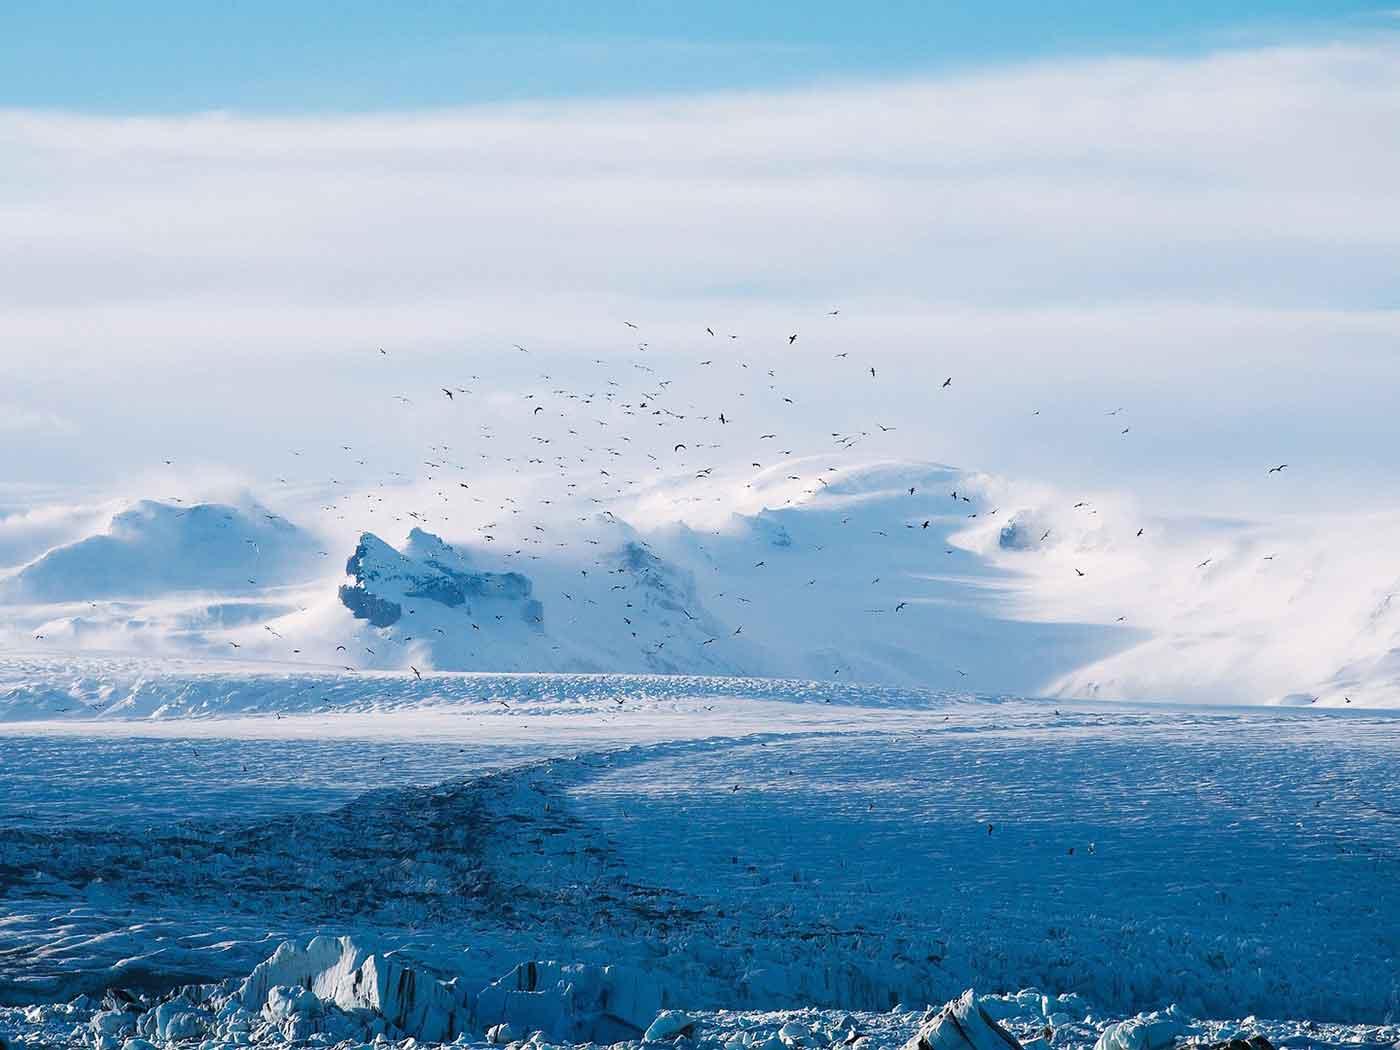 Glacier, Snow, Ice, Mountain, Flow